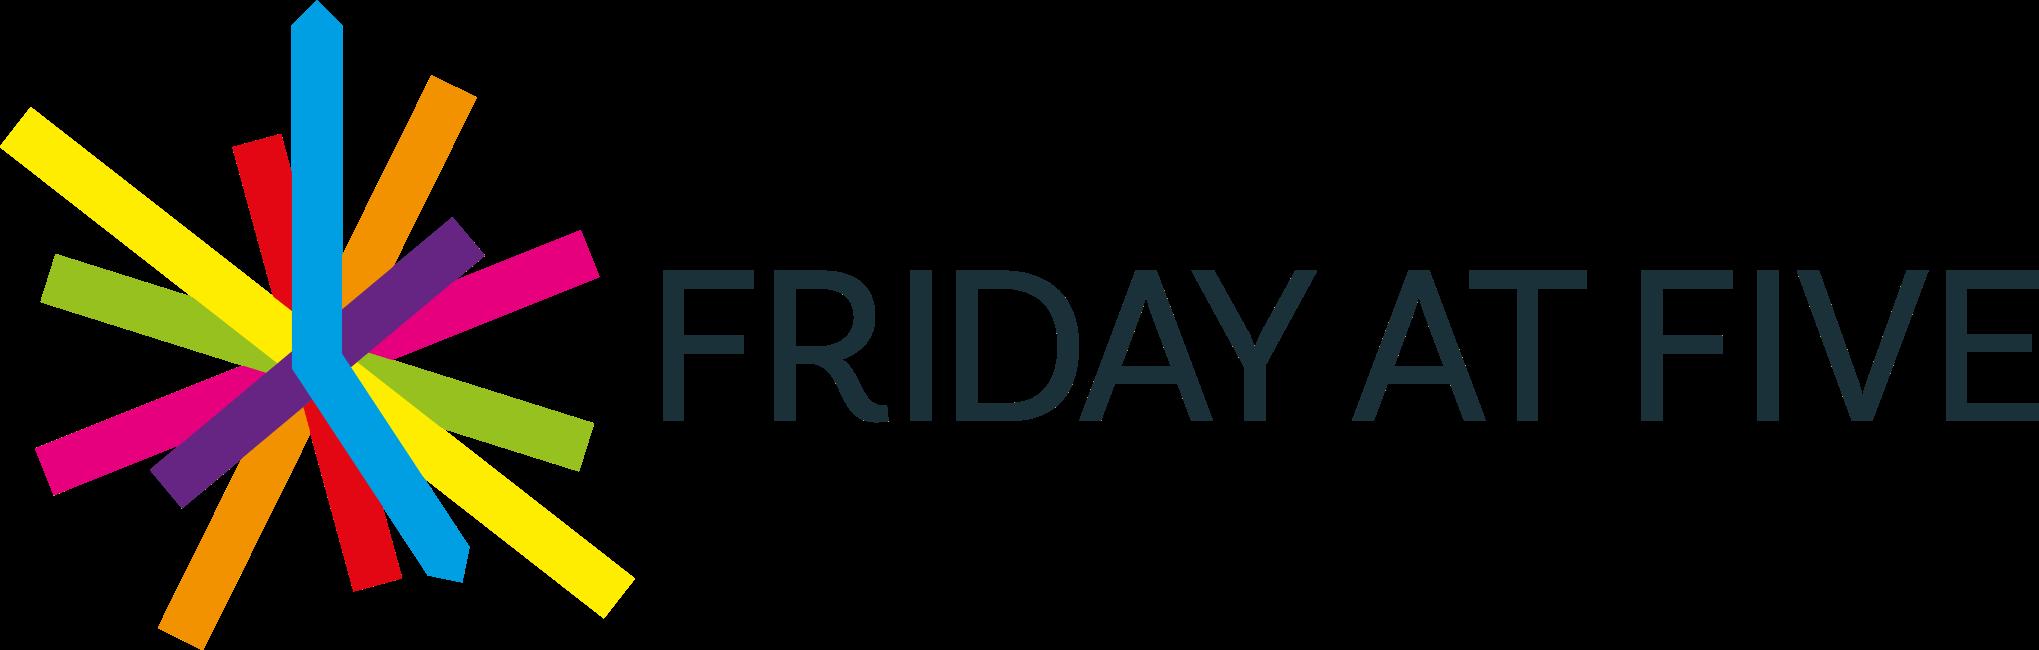 Friday at Five